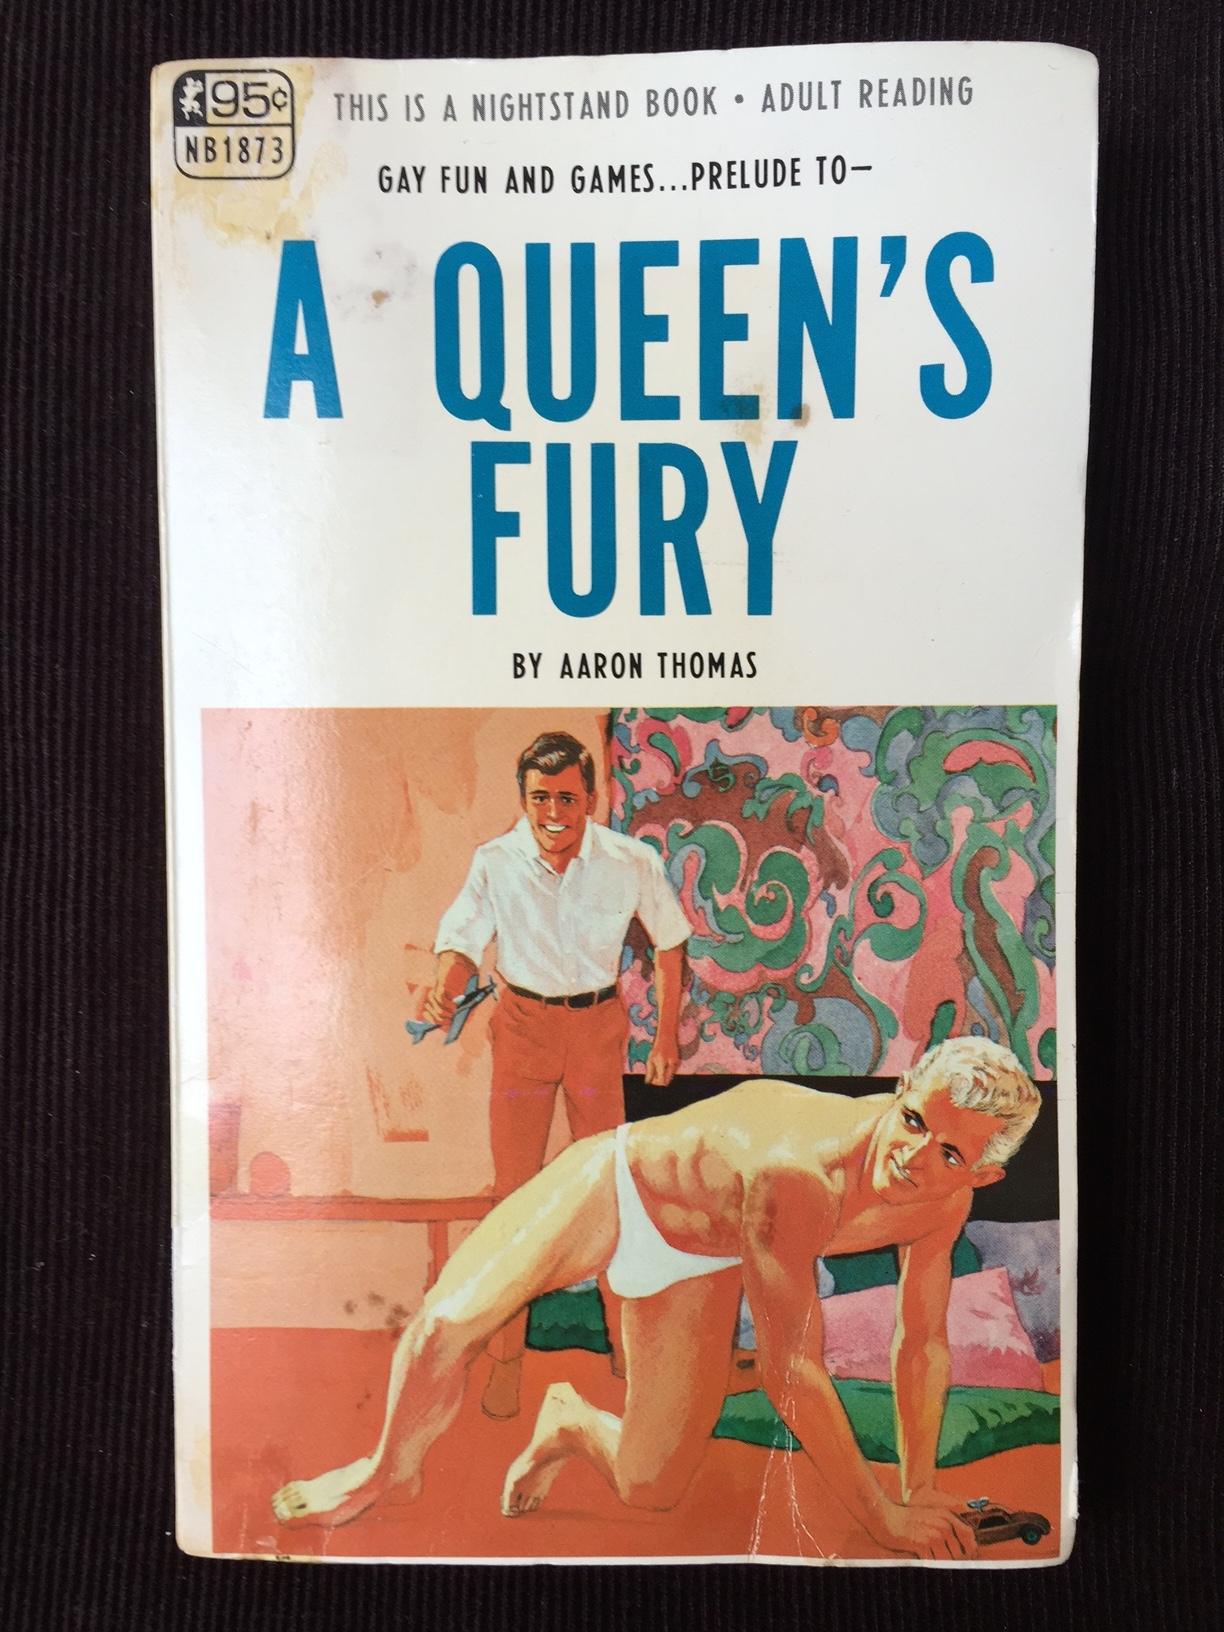 A Queen's Fury